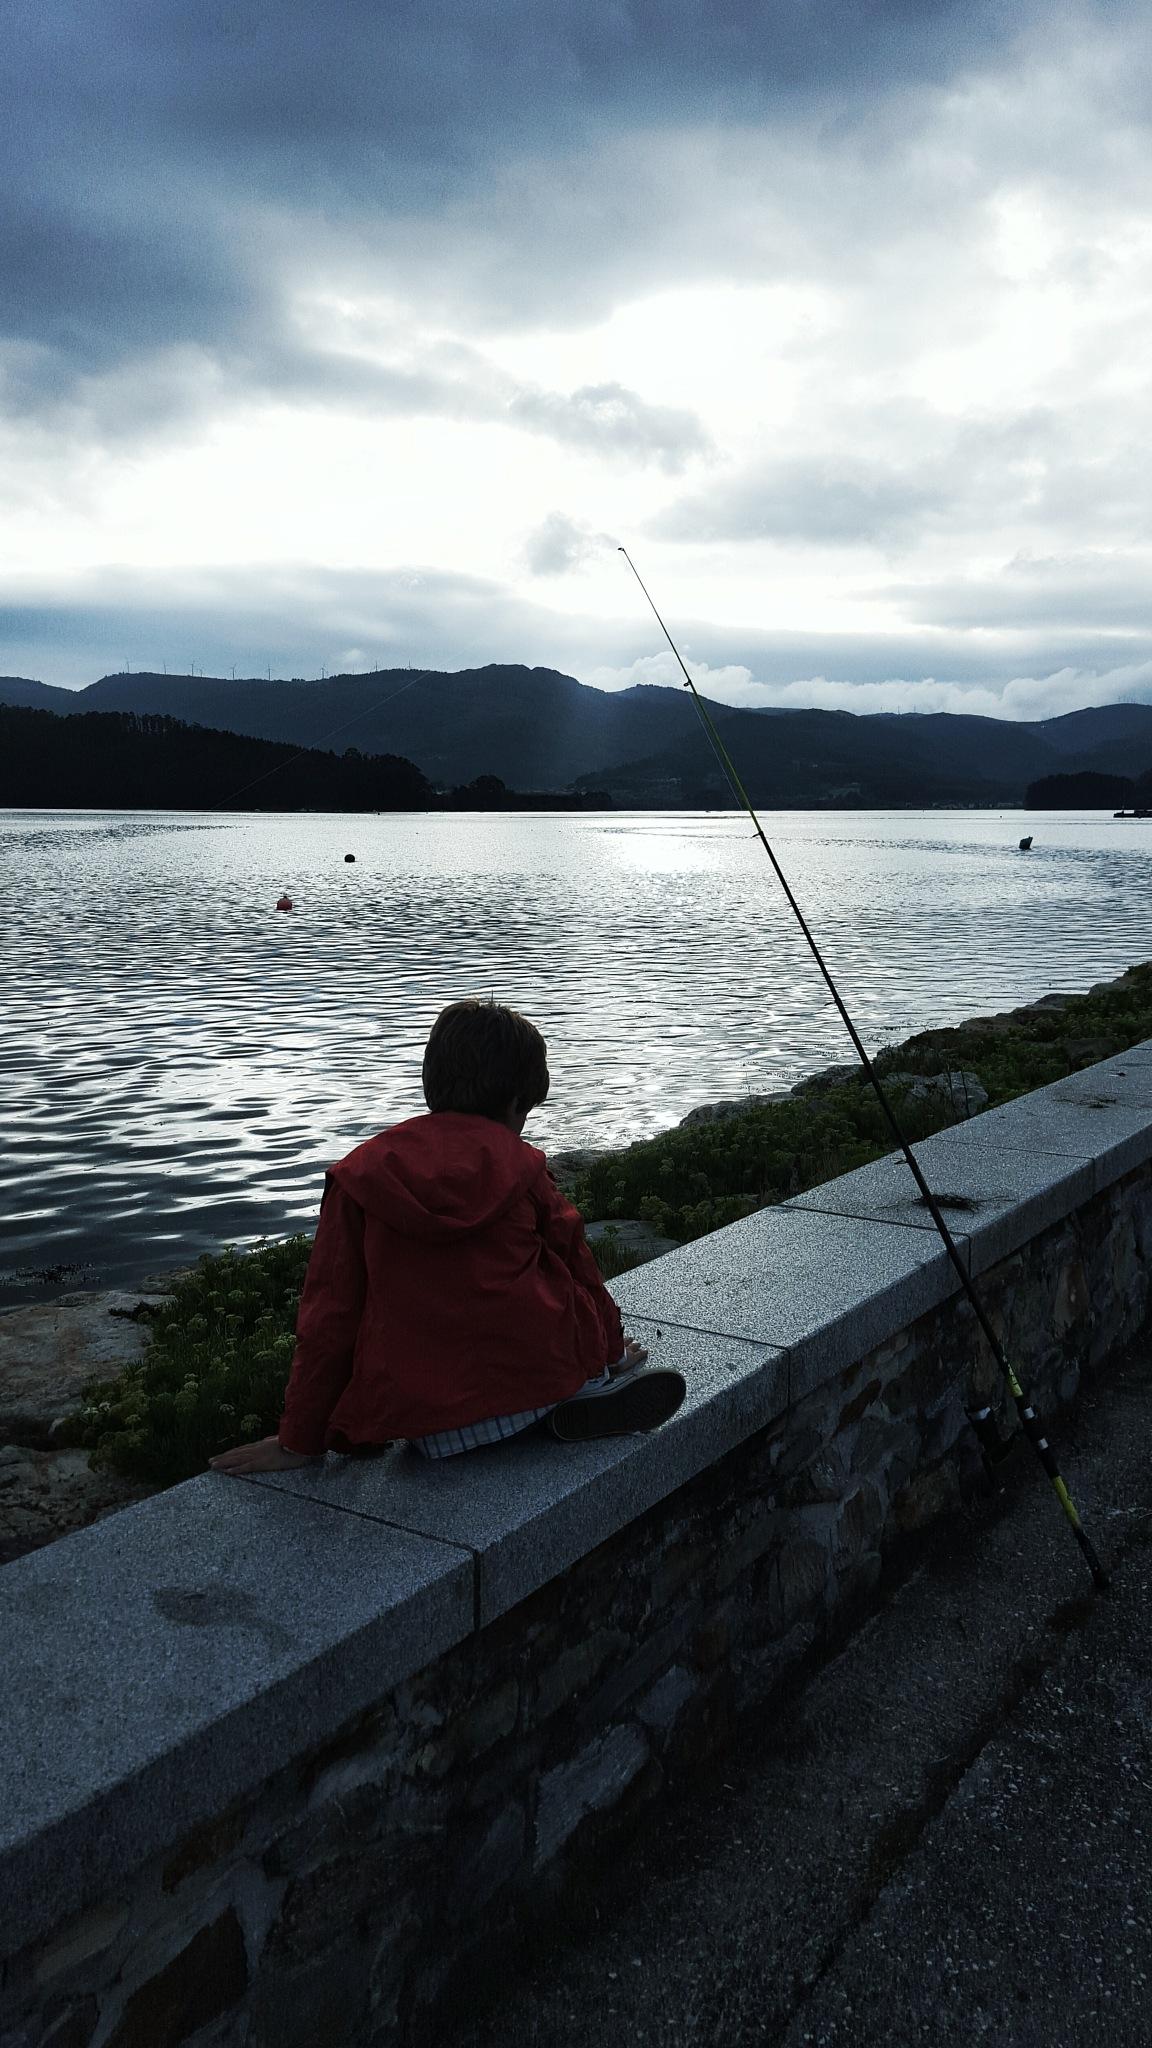 Pesca by CaballerodeGracia